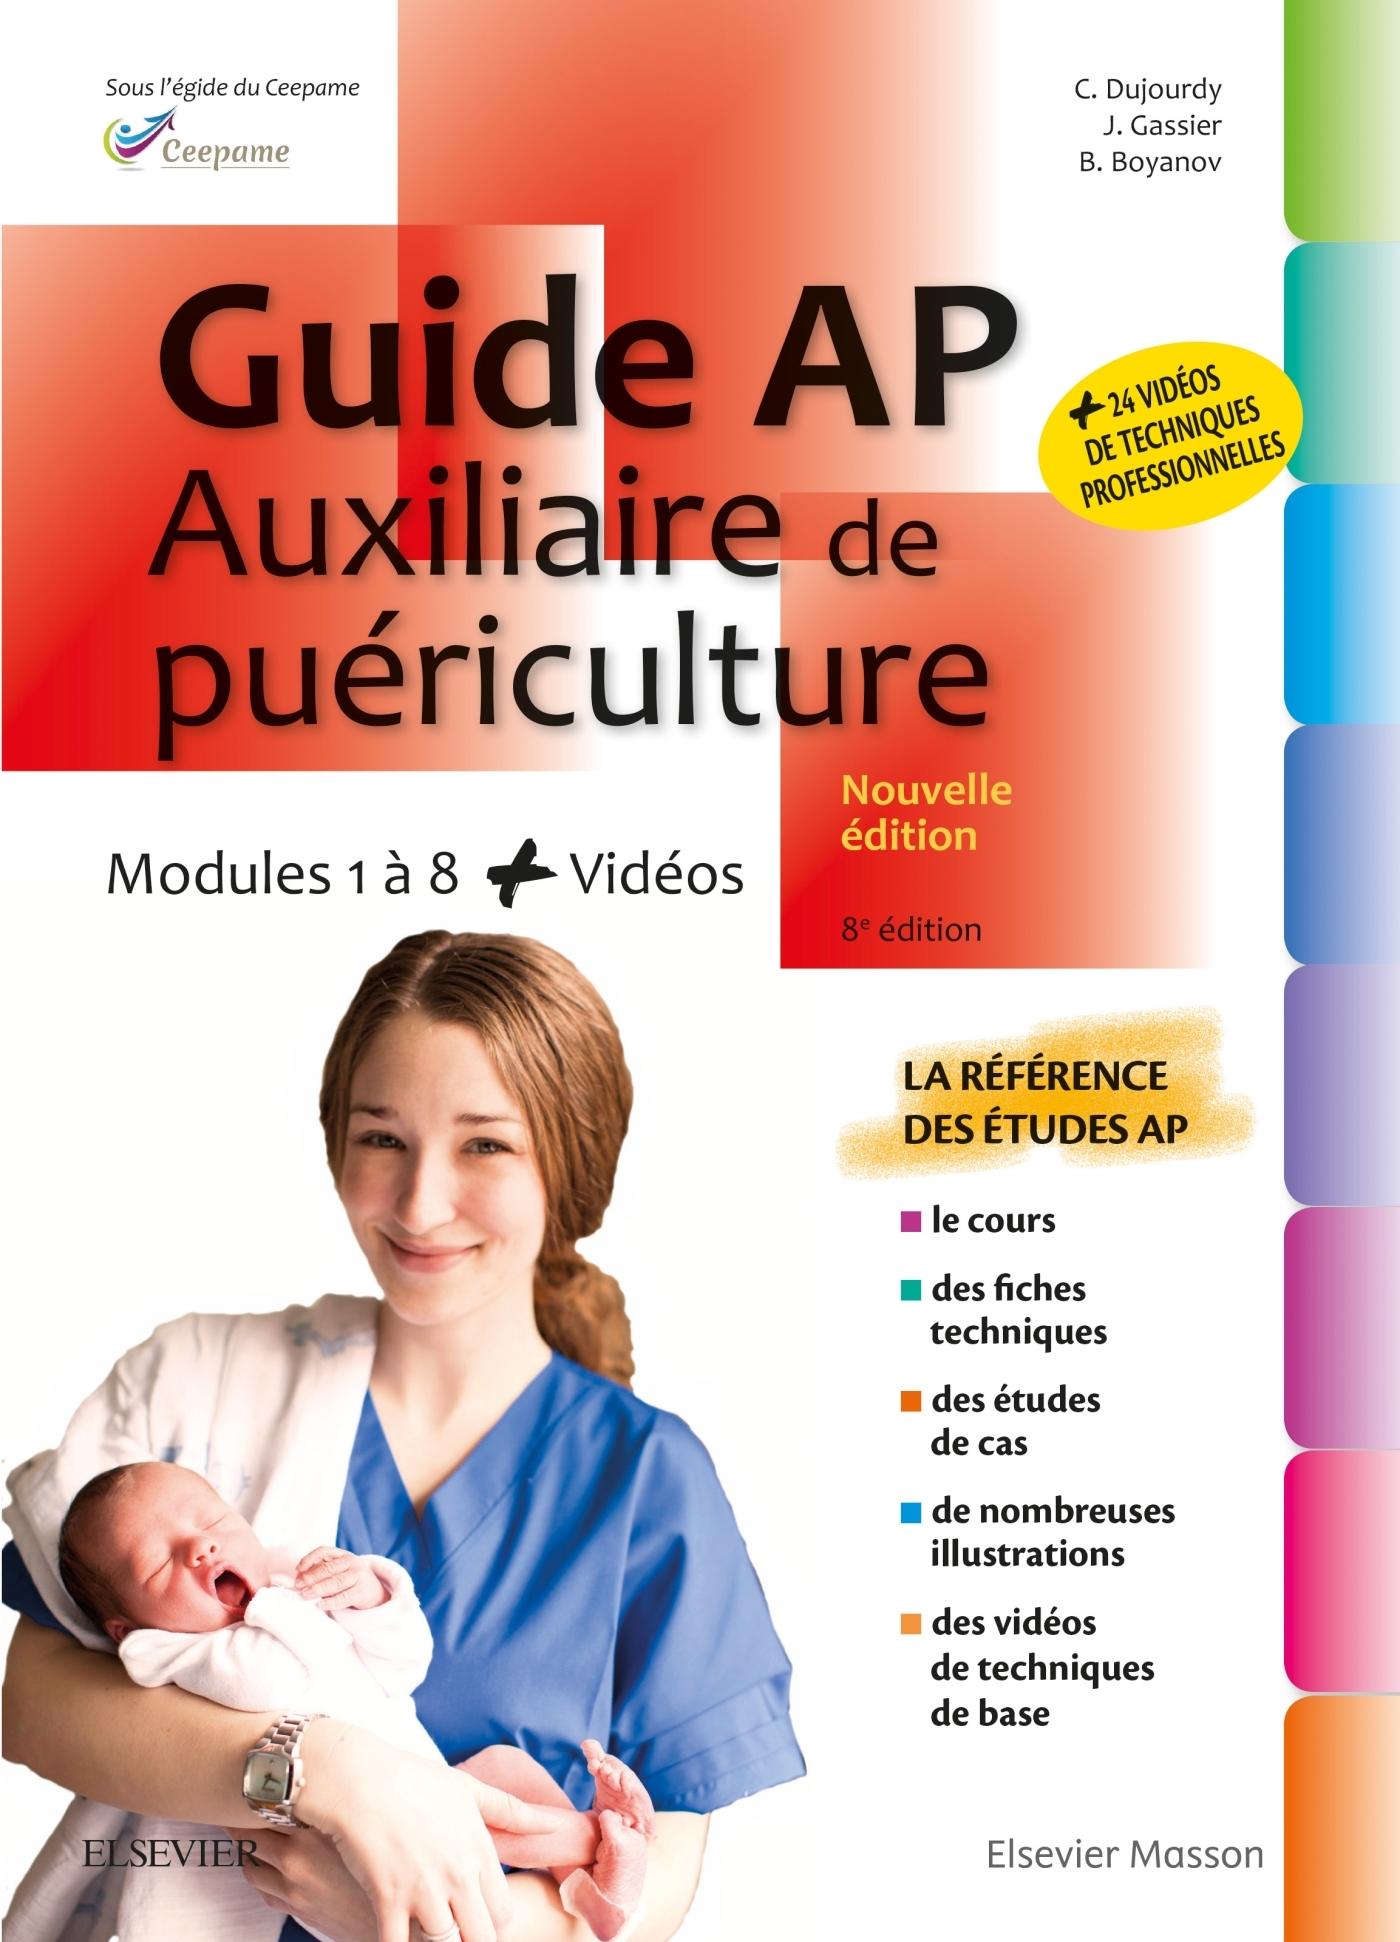 GUIDE AP - AUXILIAIRE DE PUERICULTURE - MODULES 1 A 8 - AVEC VIDEOS